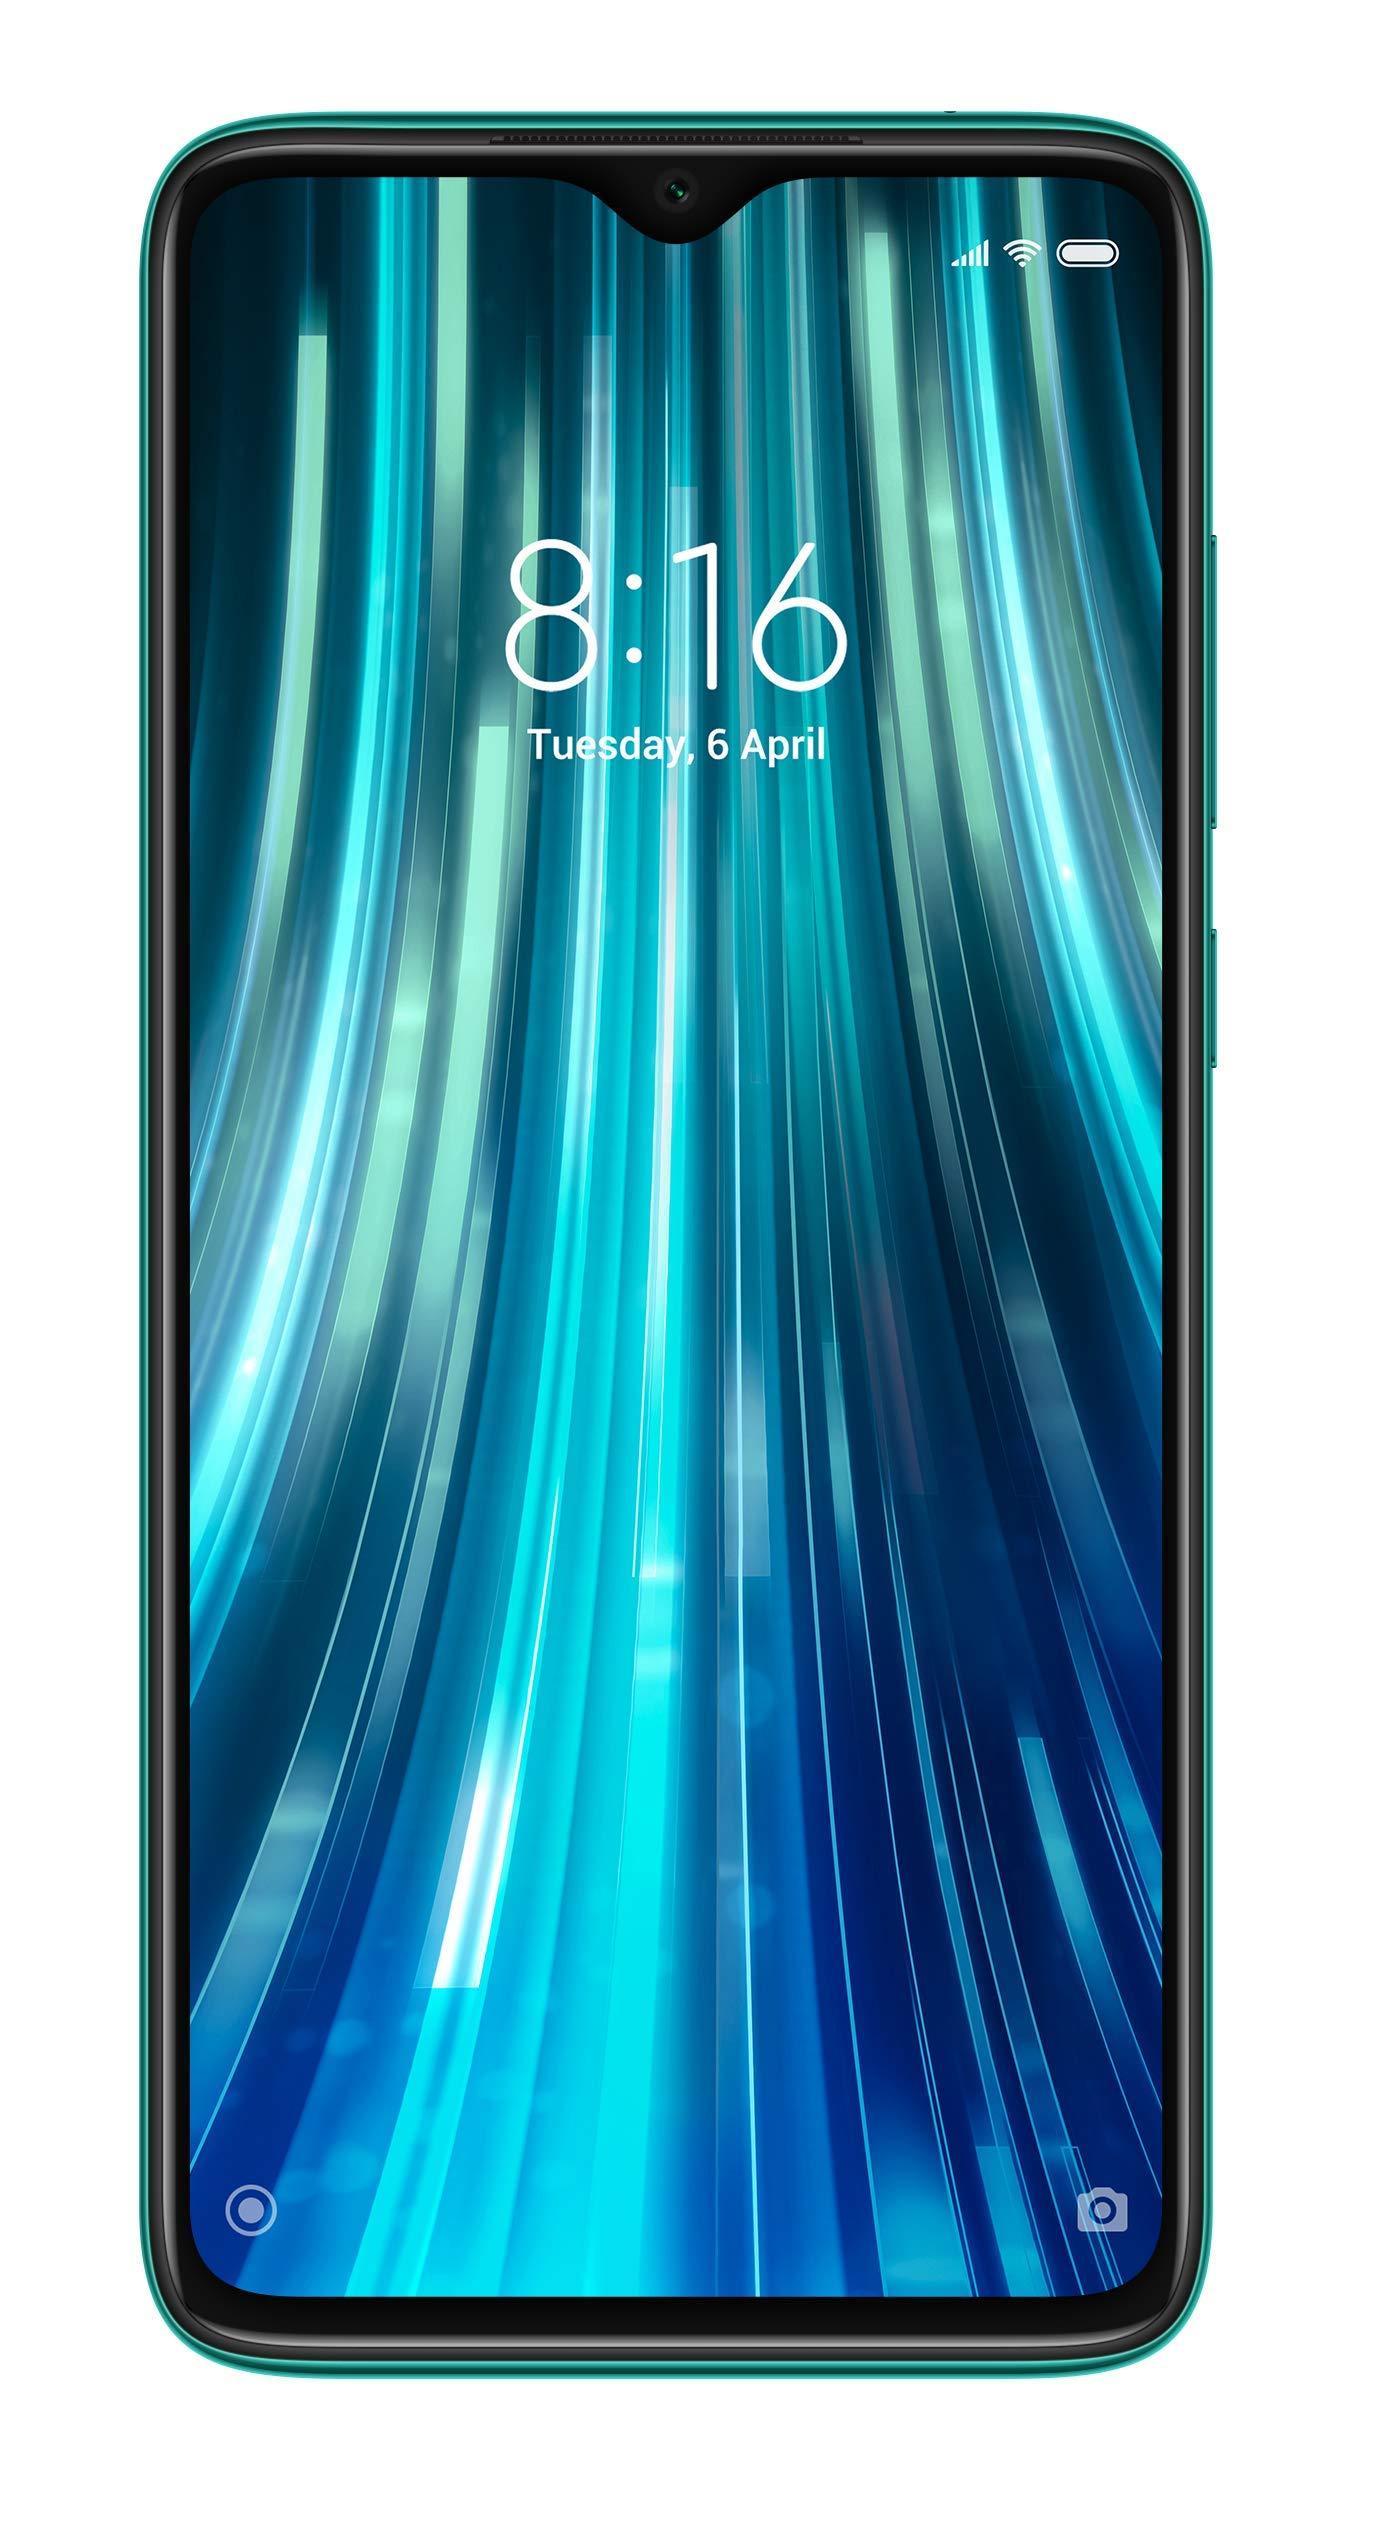 Redmi Note 8 Pro (Gamma Green, 128 GB)(8 GB RAM)